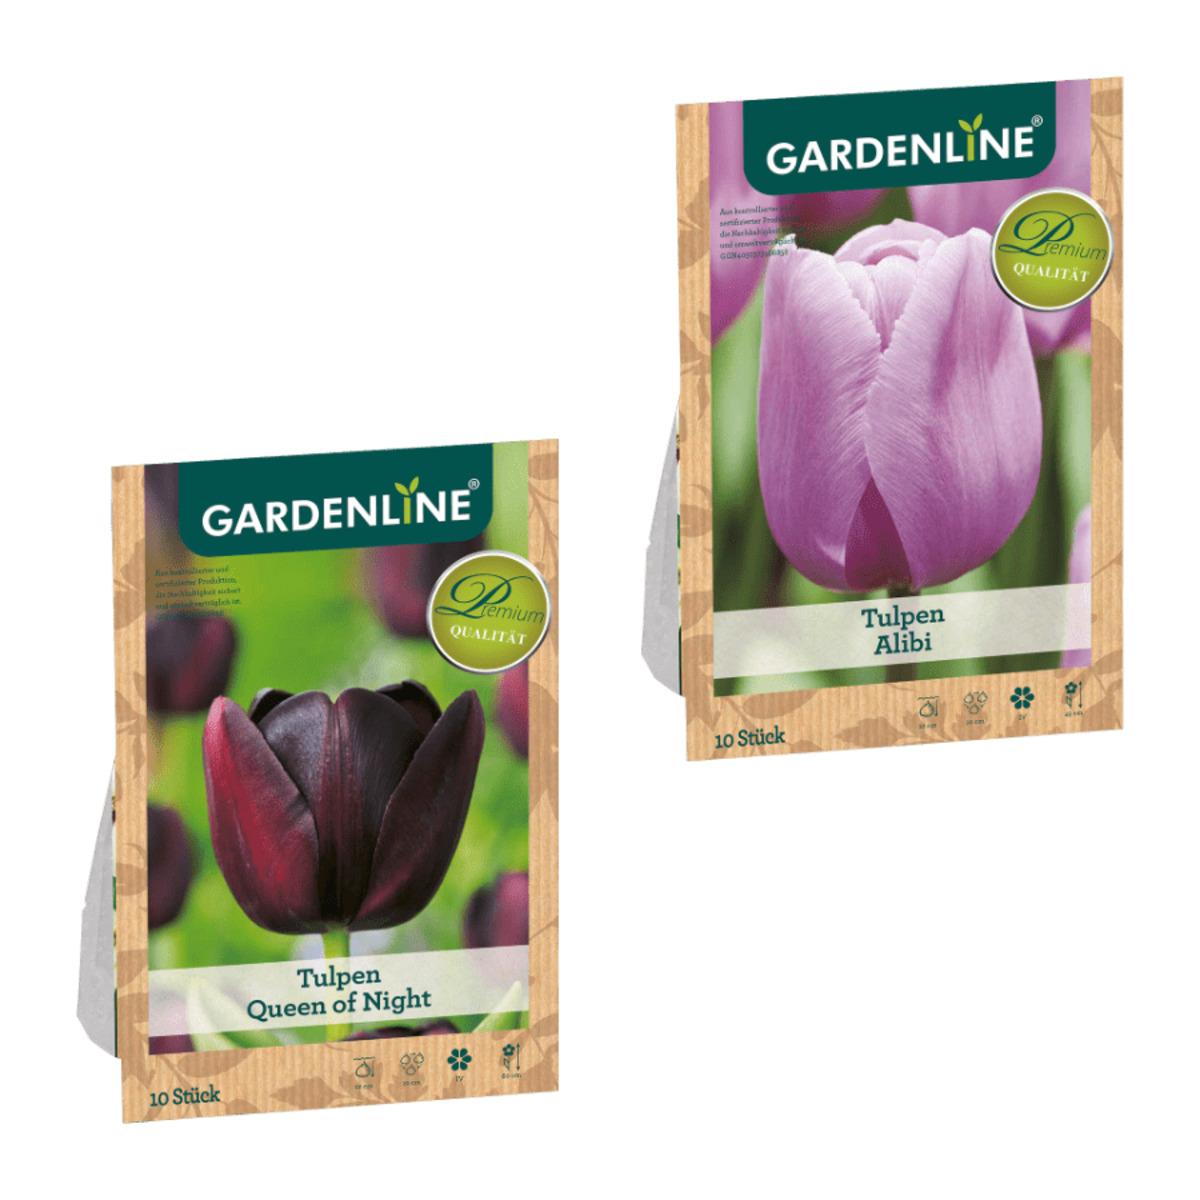 Bild 1 von GARDENLINE     Herbstblumenzwiebel-Spezialität